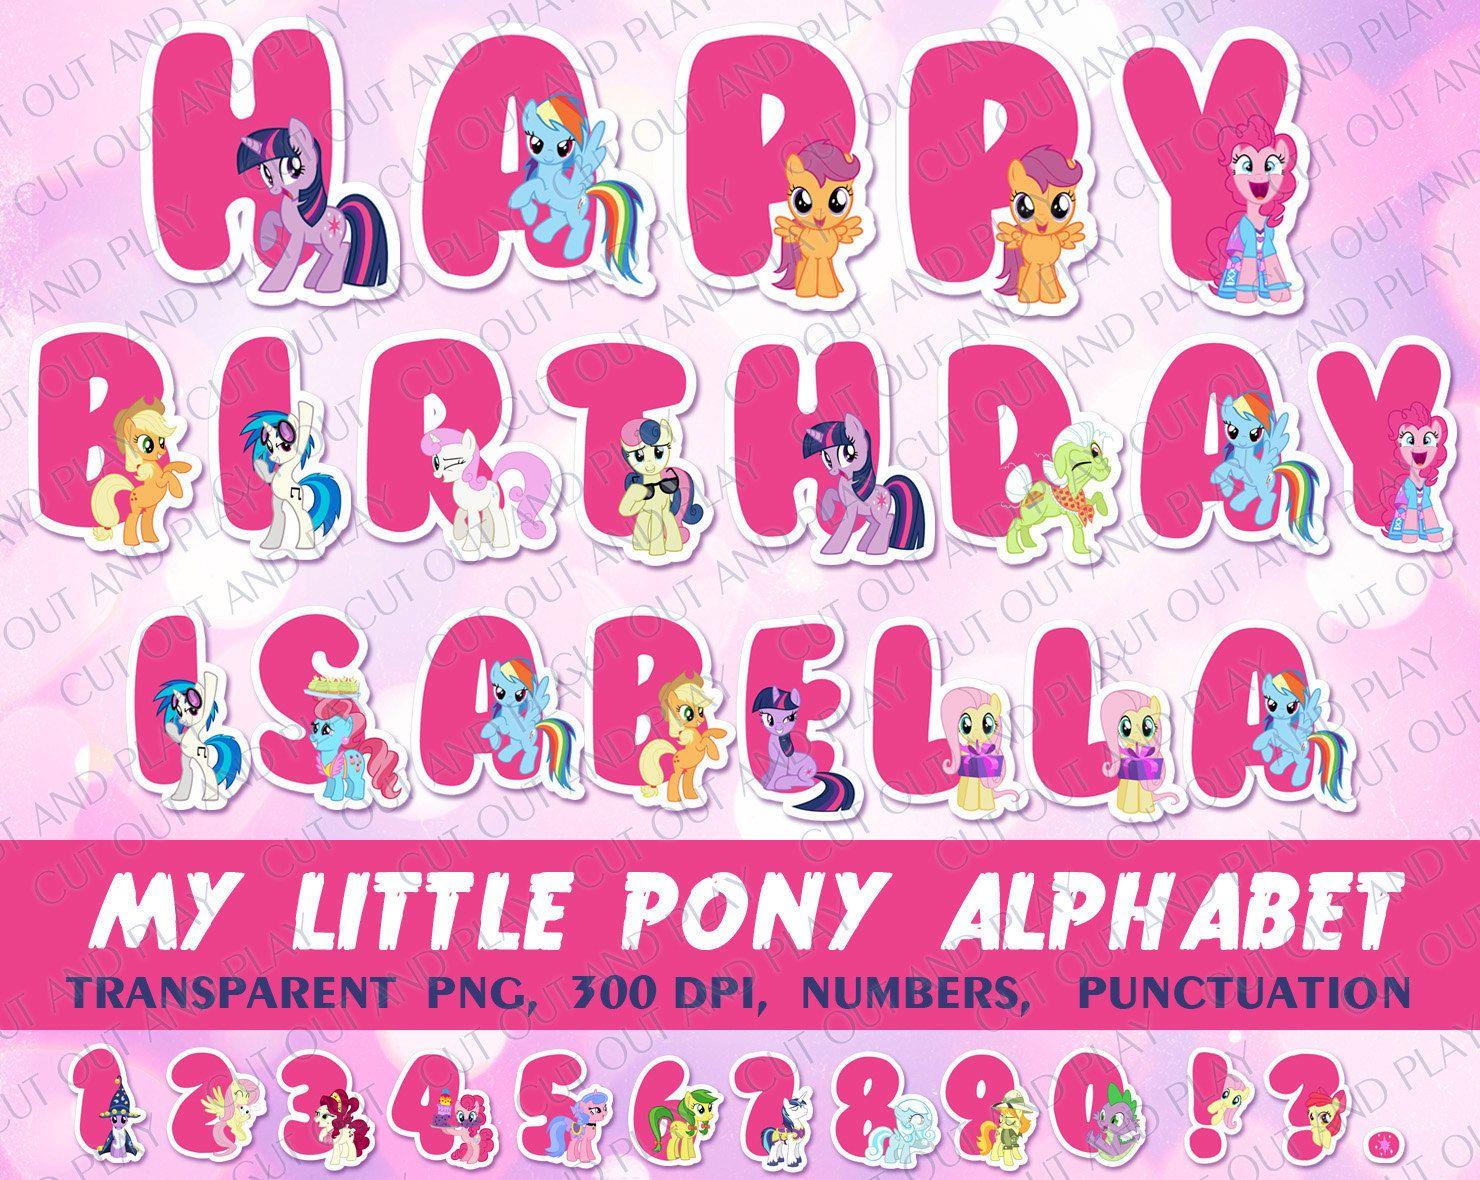 My Little Pony Alphabet Alphabet clipart My Little Pony Party